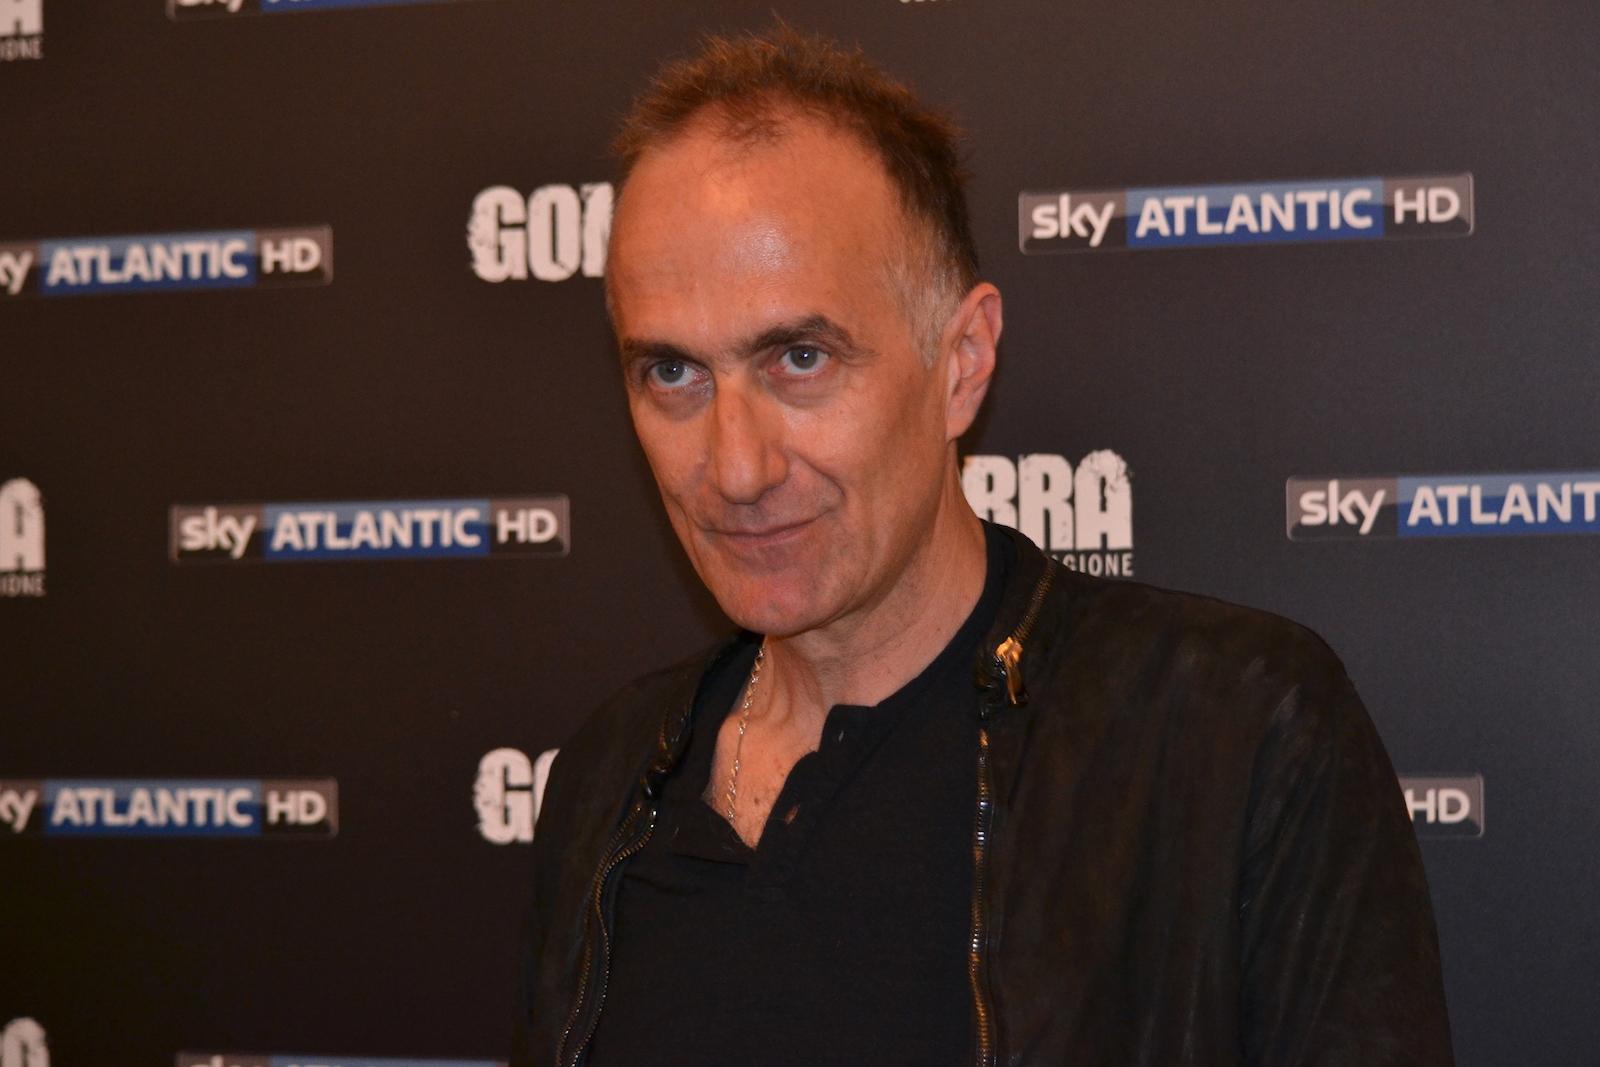 Gomorra seconda stagione: Stefano Sollima in uno scatto al photocall